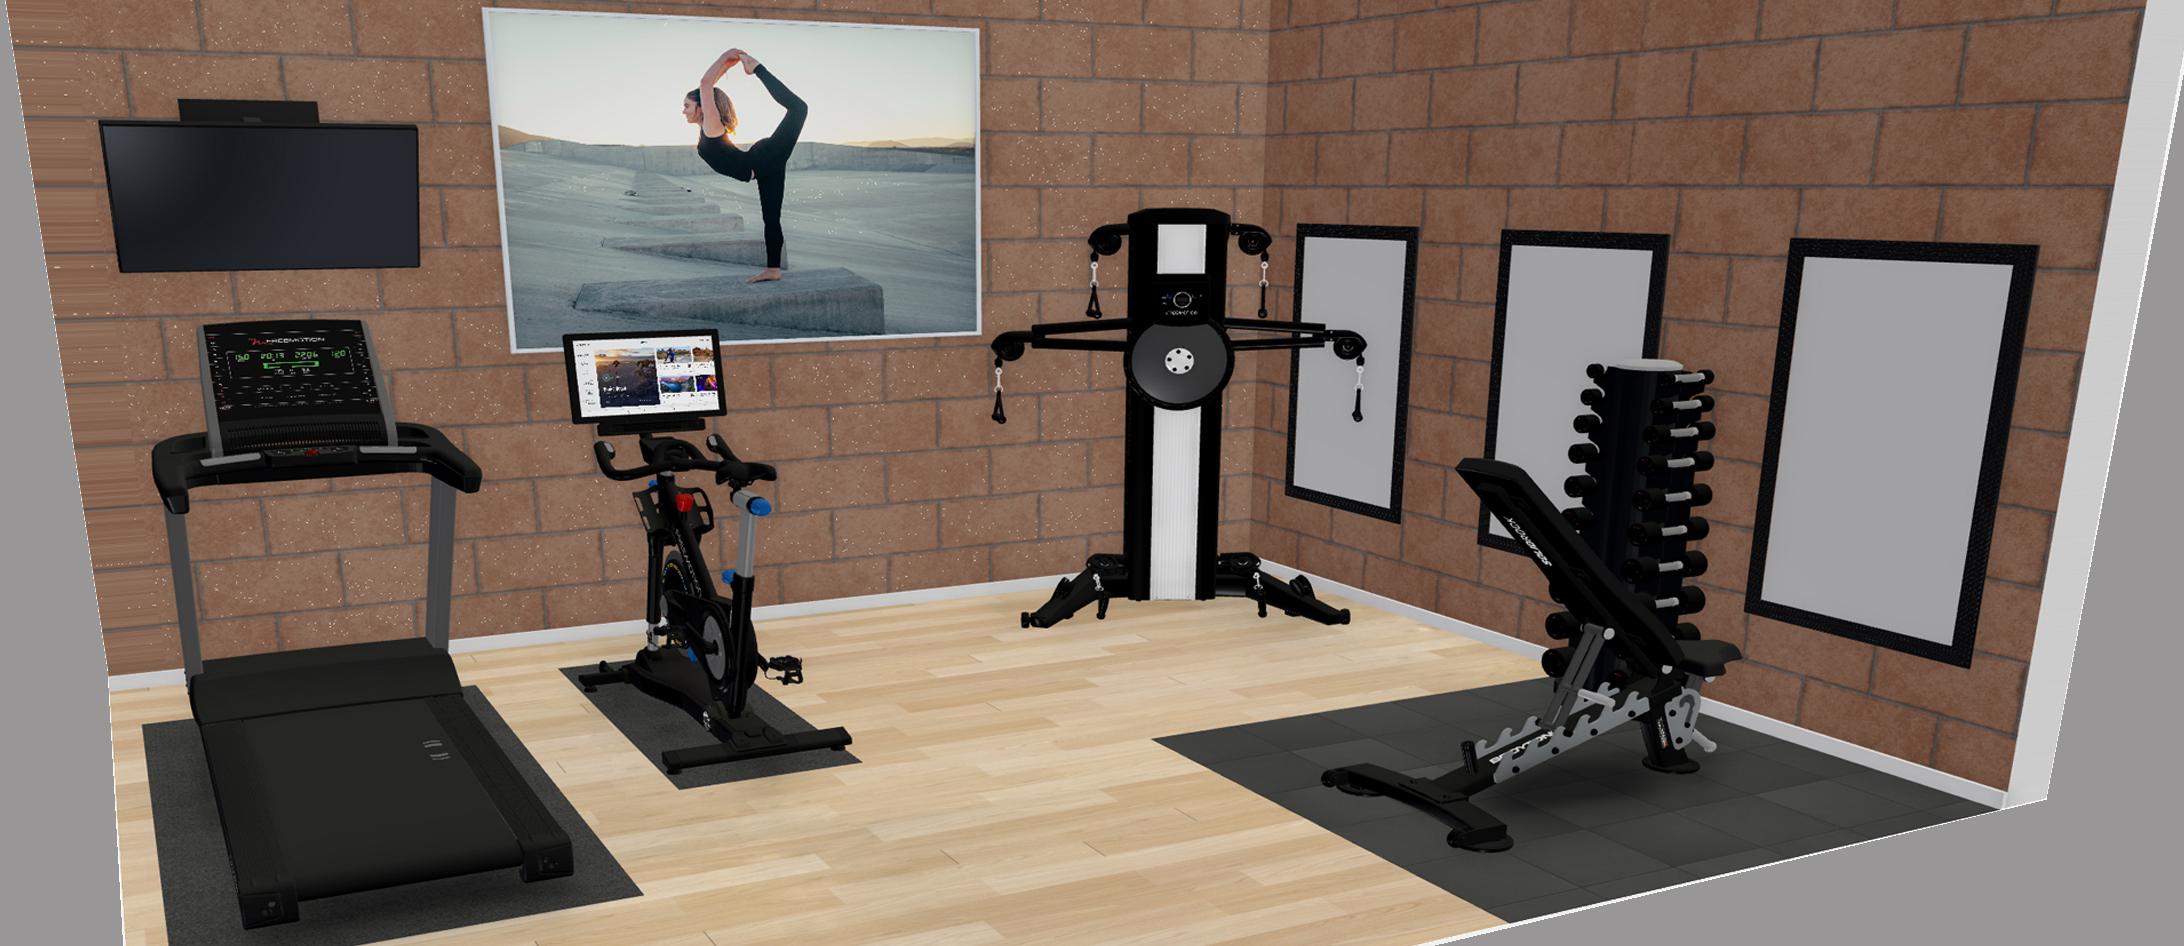 Γυμναστήριο για Βίλλα